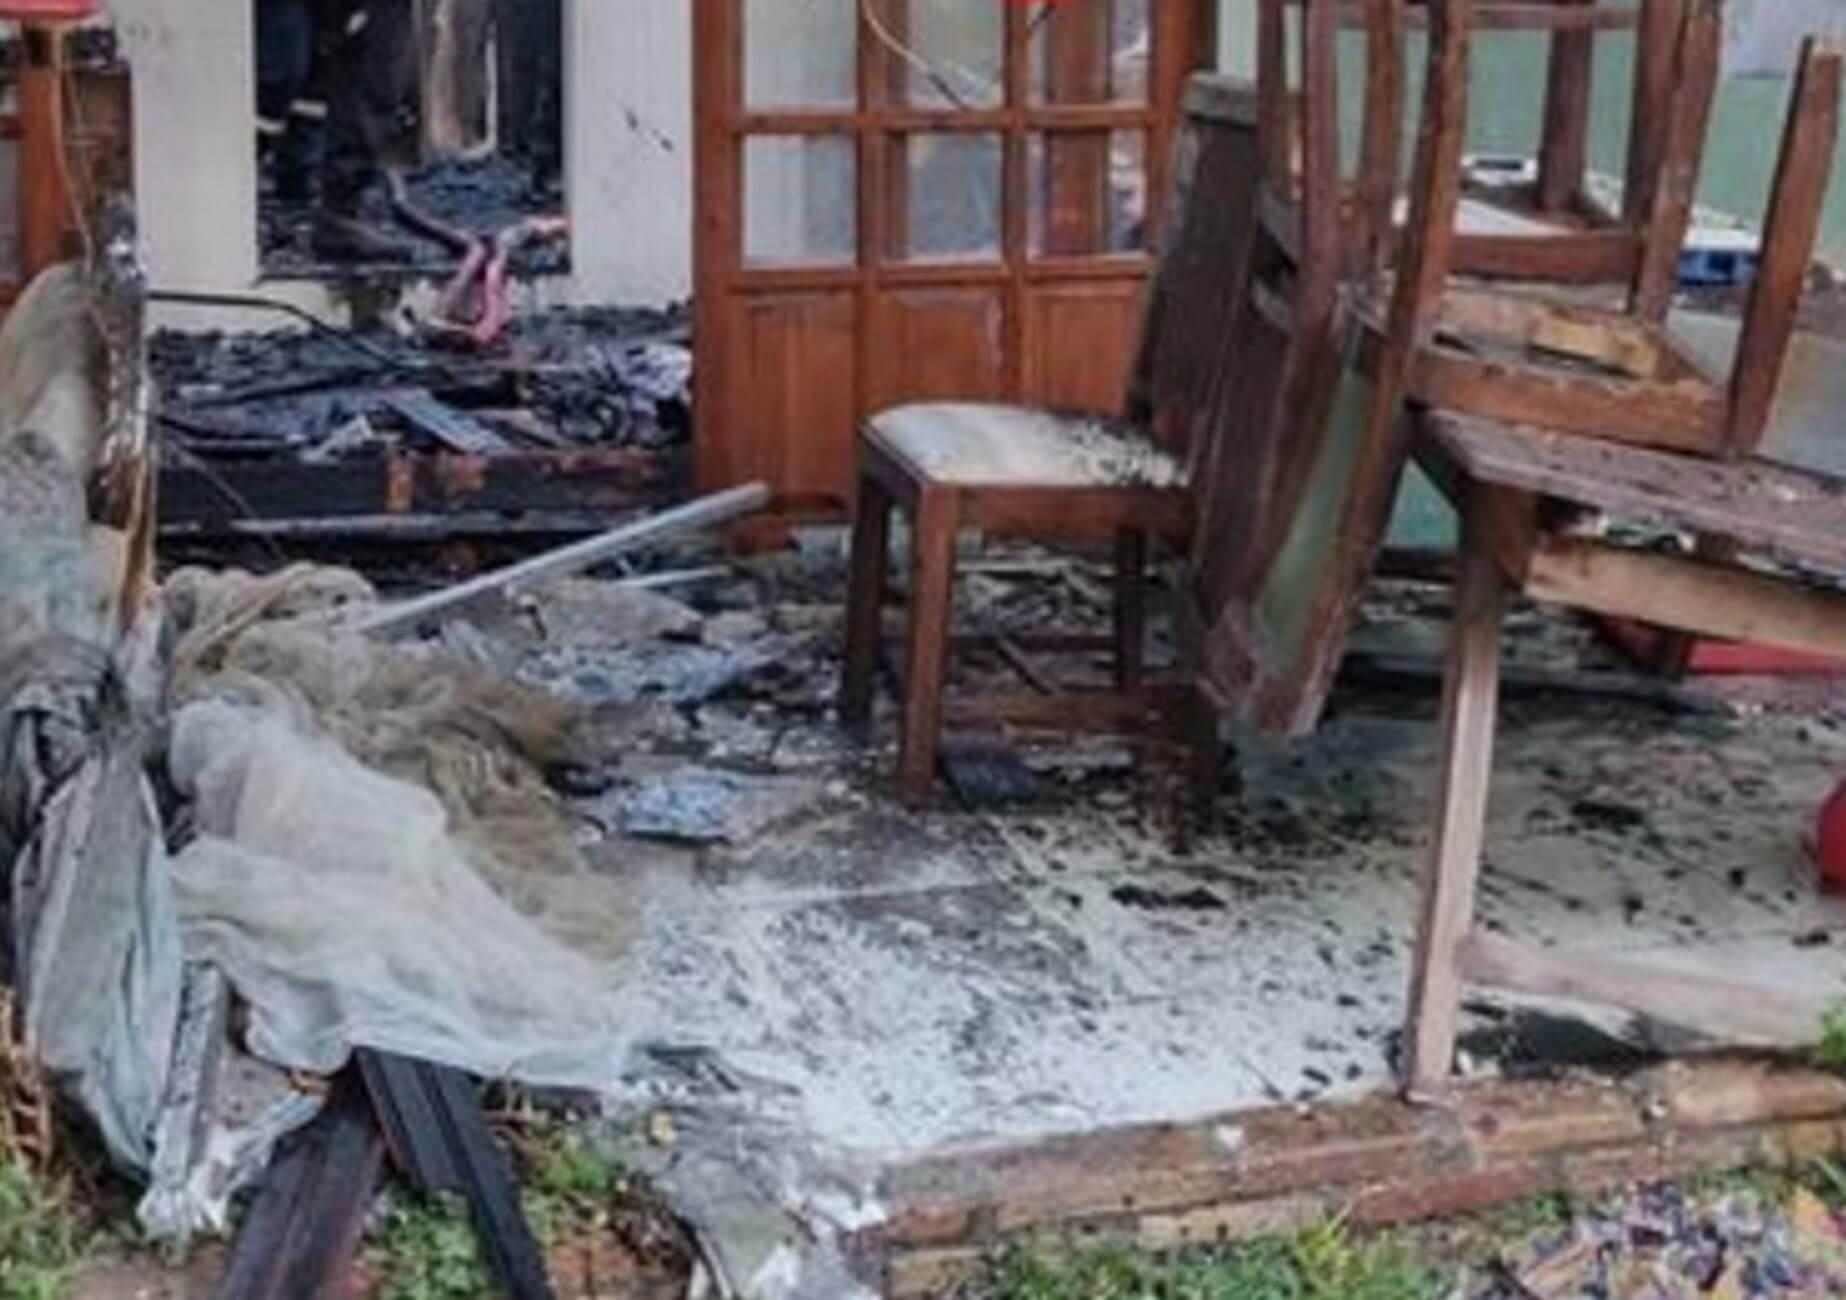 Αχαϊα: Μεγάλη φωτιά έκανε στάχτη το εξοχικό τους – Αυτοψία μετά την κατάσβεση από πυροσβέστες [pics]